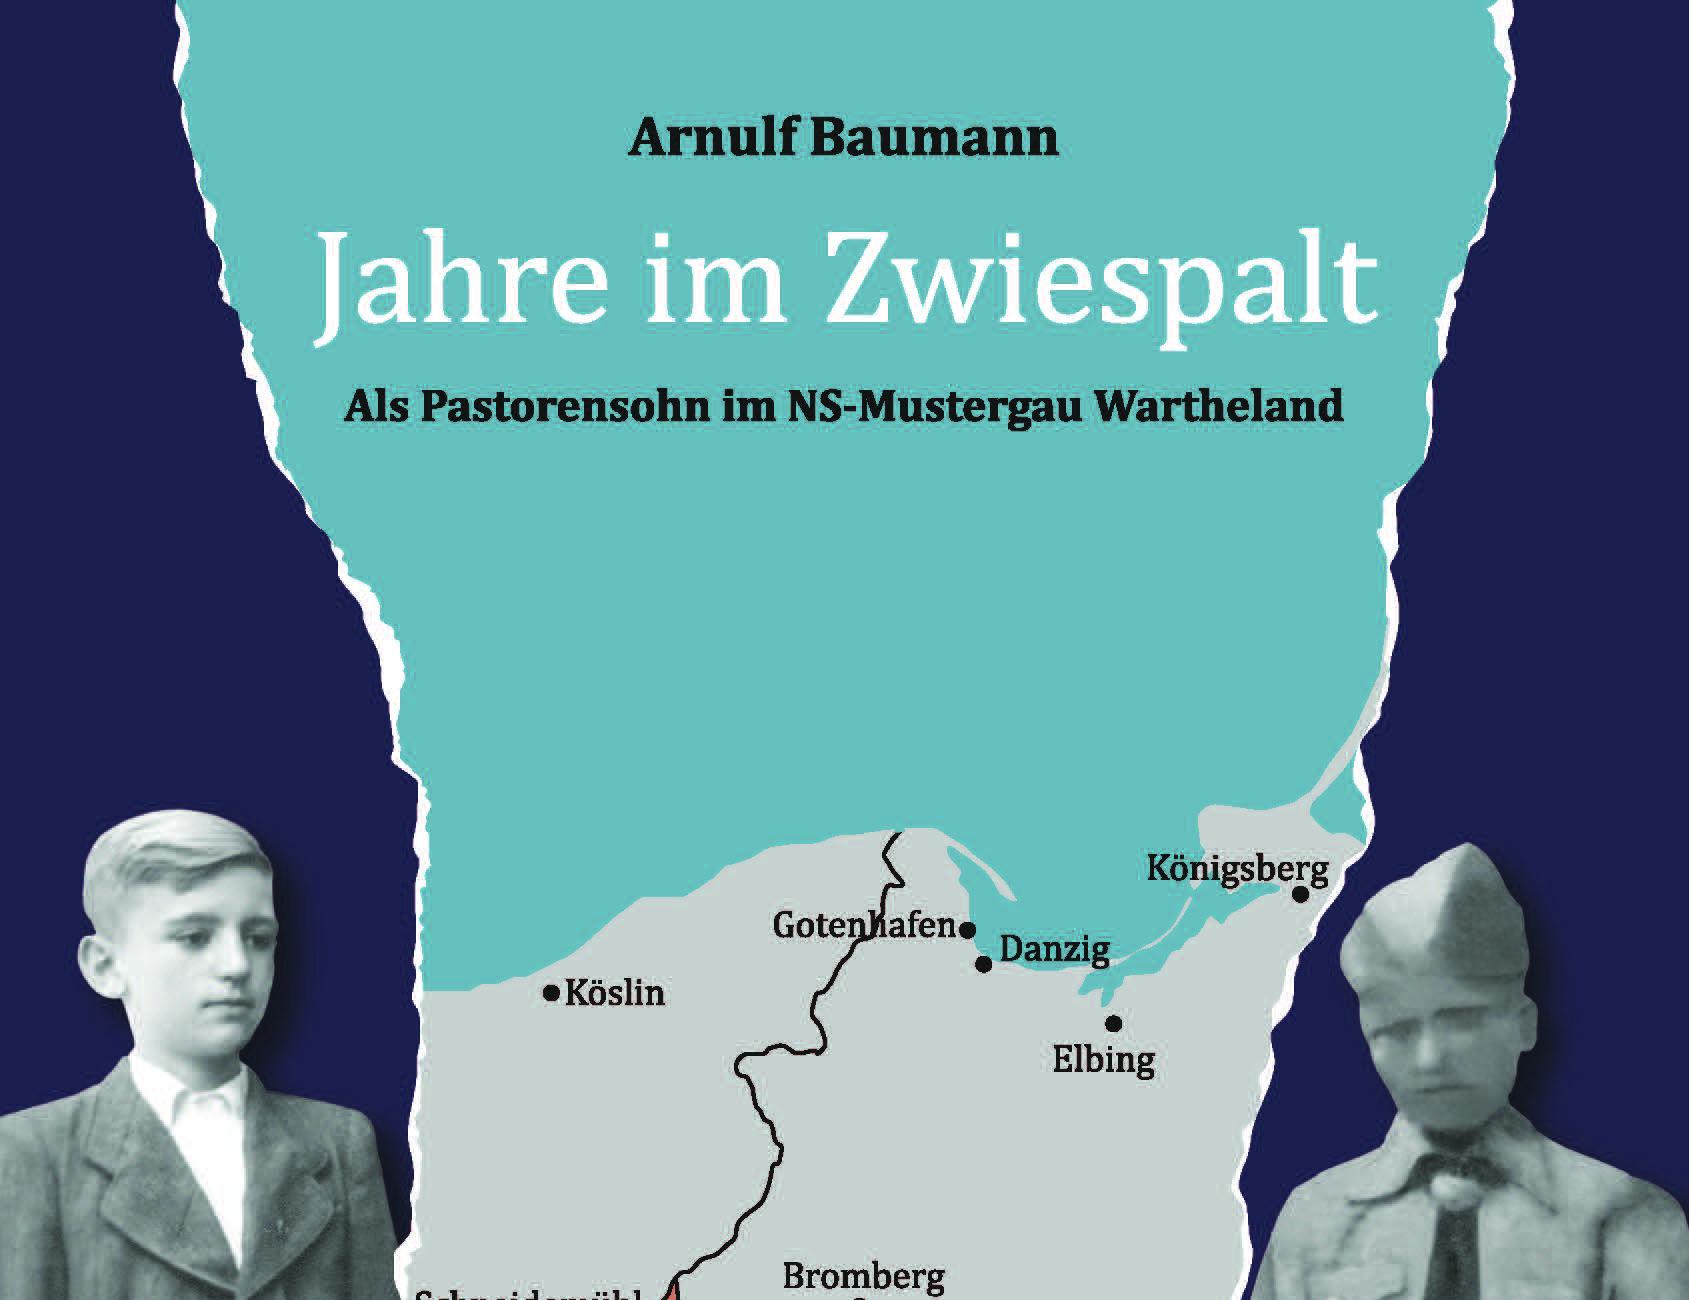 www.meine-biographie.com-neuerscheinung-baumann